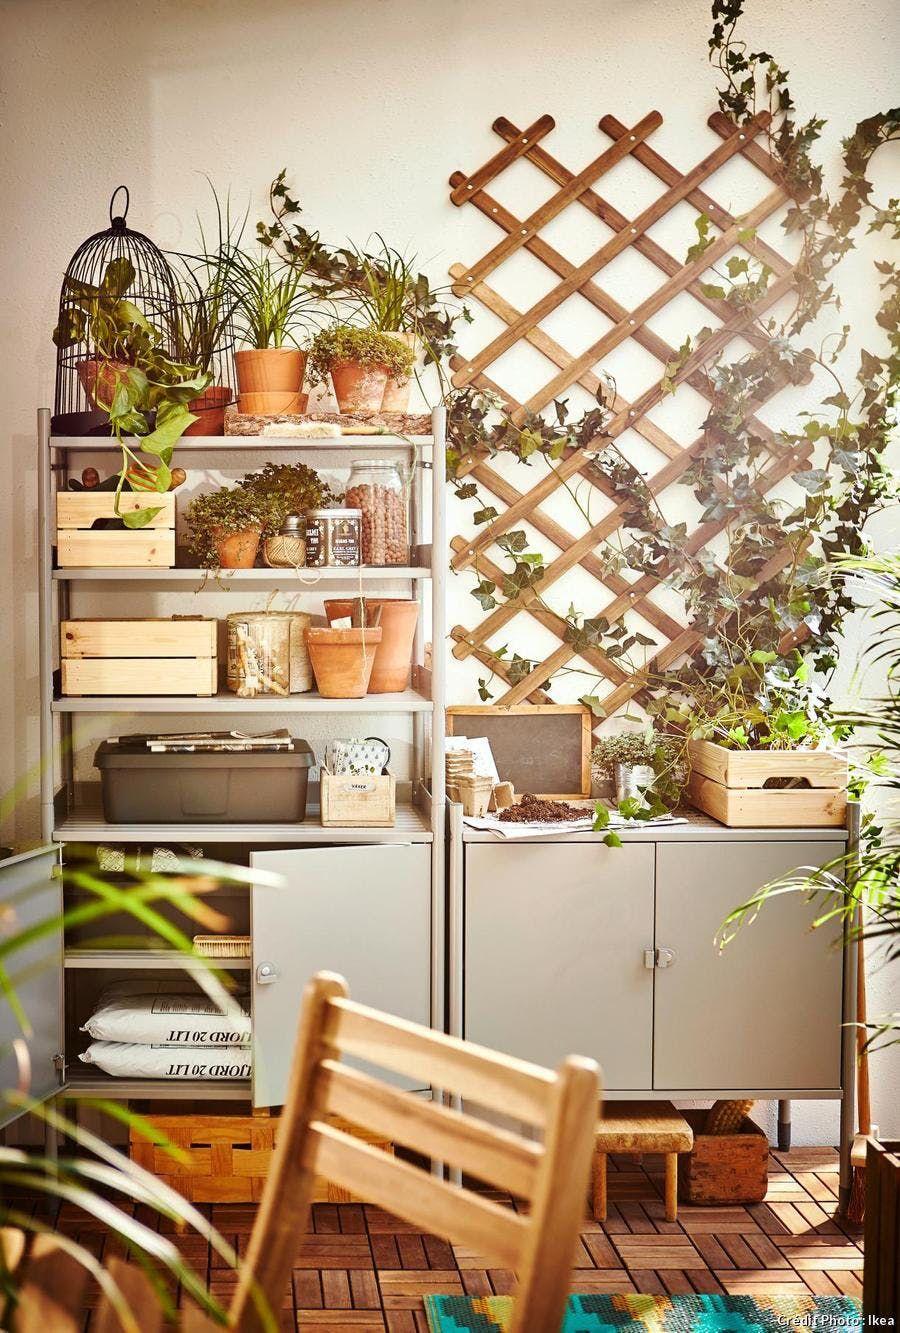 12 Idees De Rangement Pour Les Outils De Jardin En 2020 Rangement Terrasse Outils De Jardin Idee Rangement